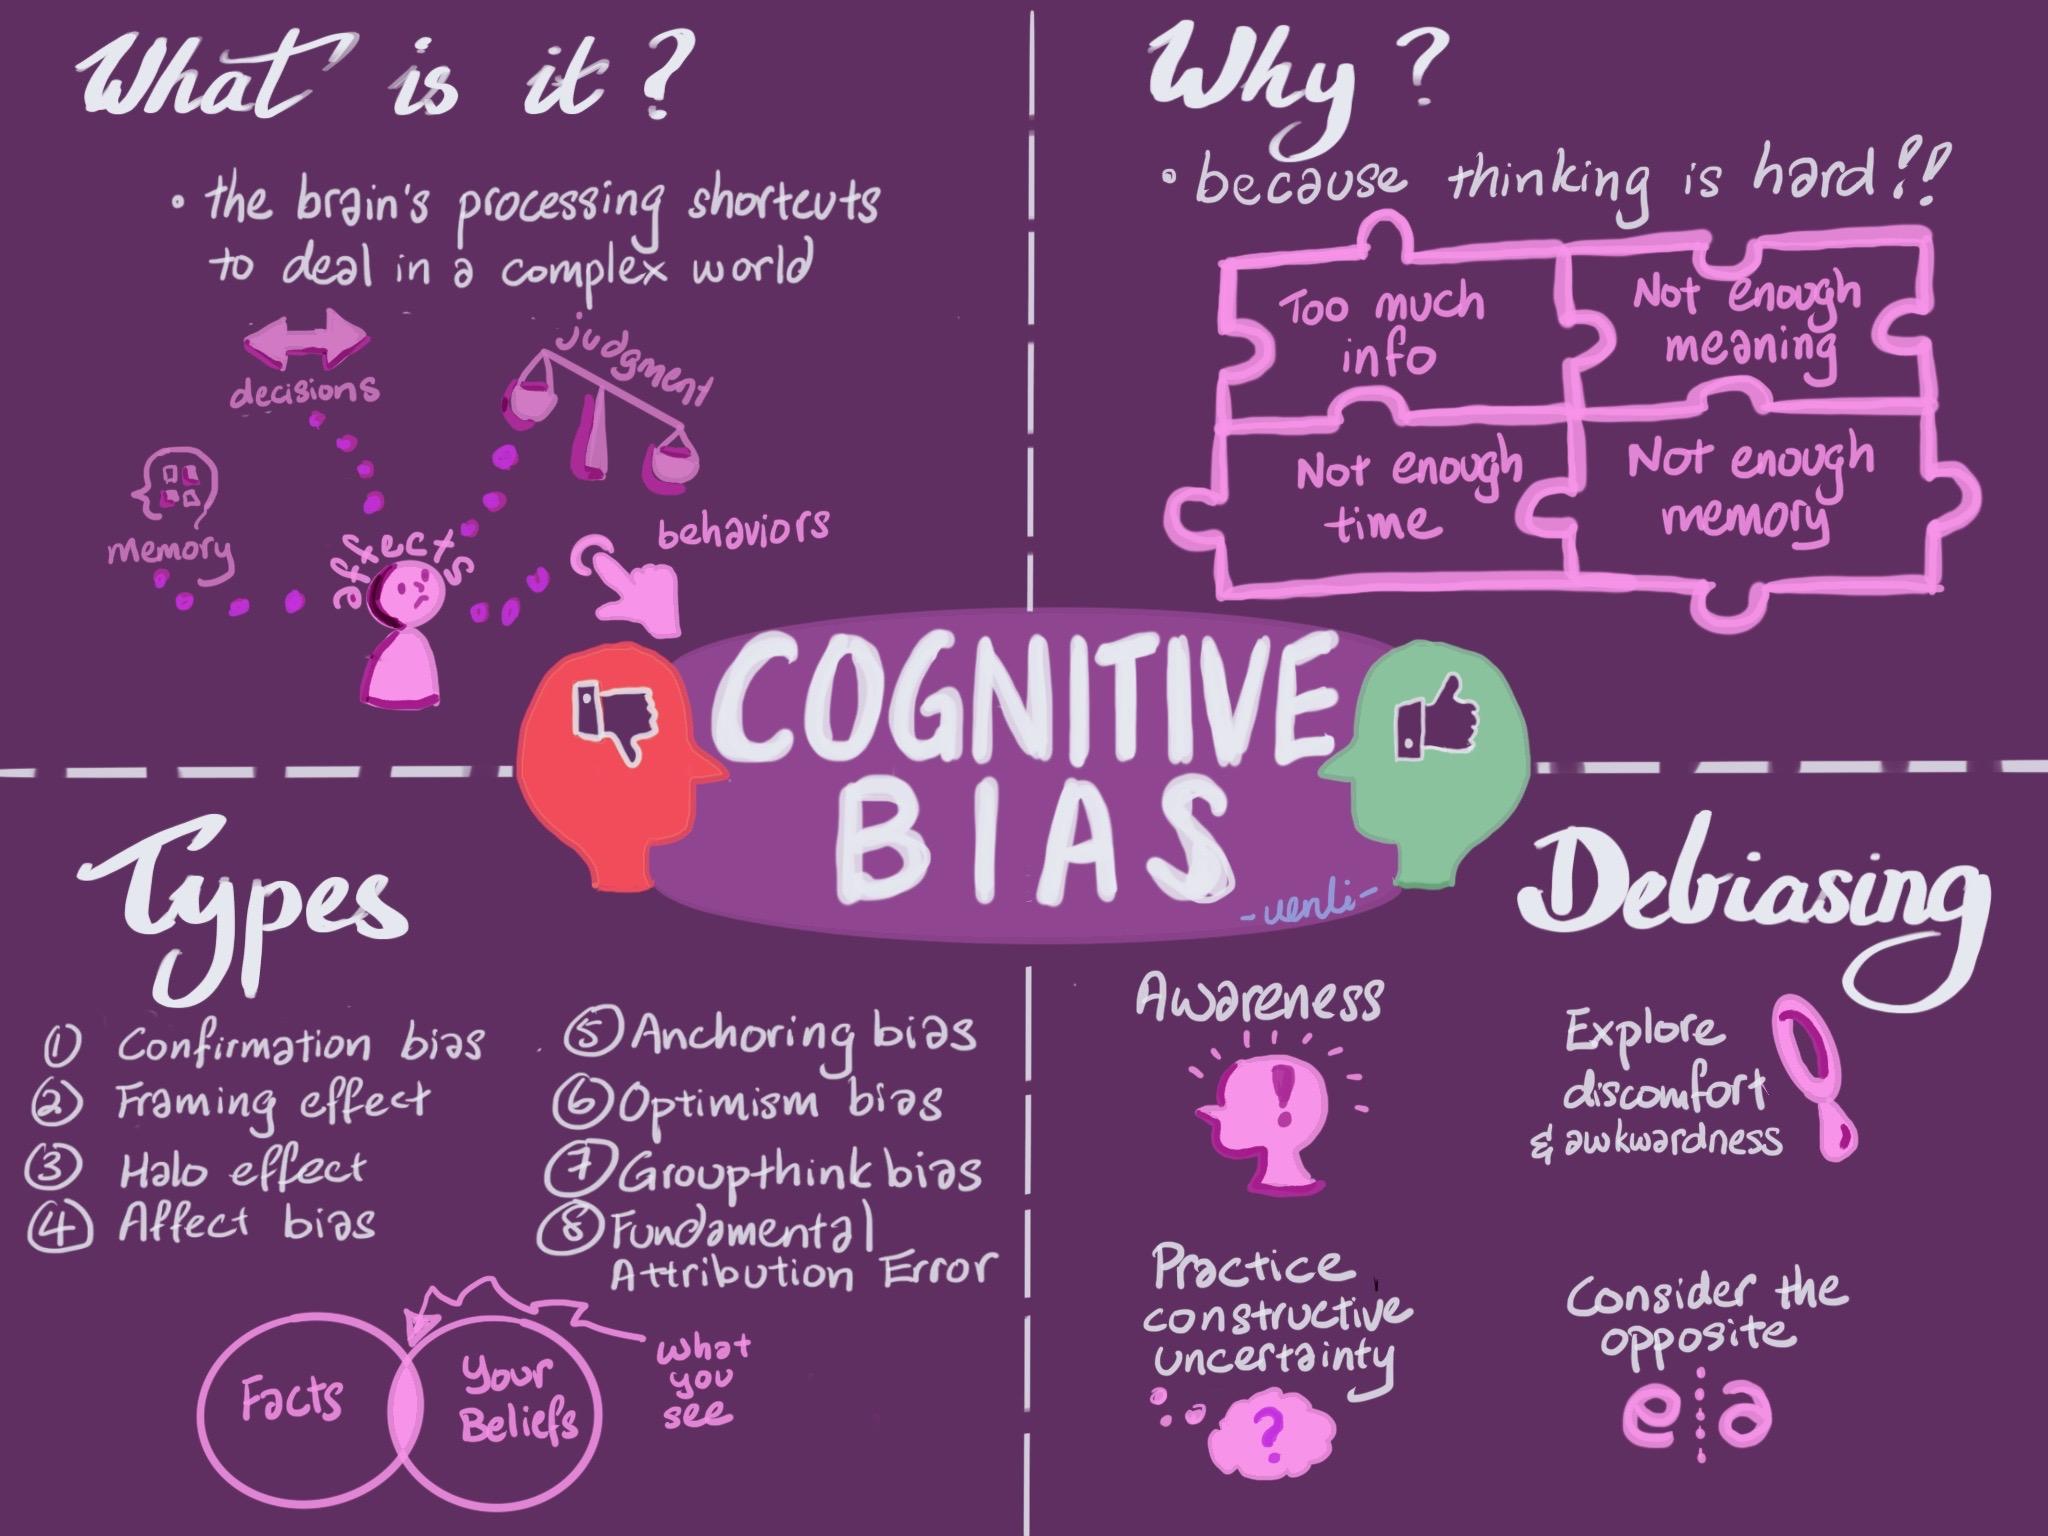 Cognitive Bias Image (1/1)